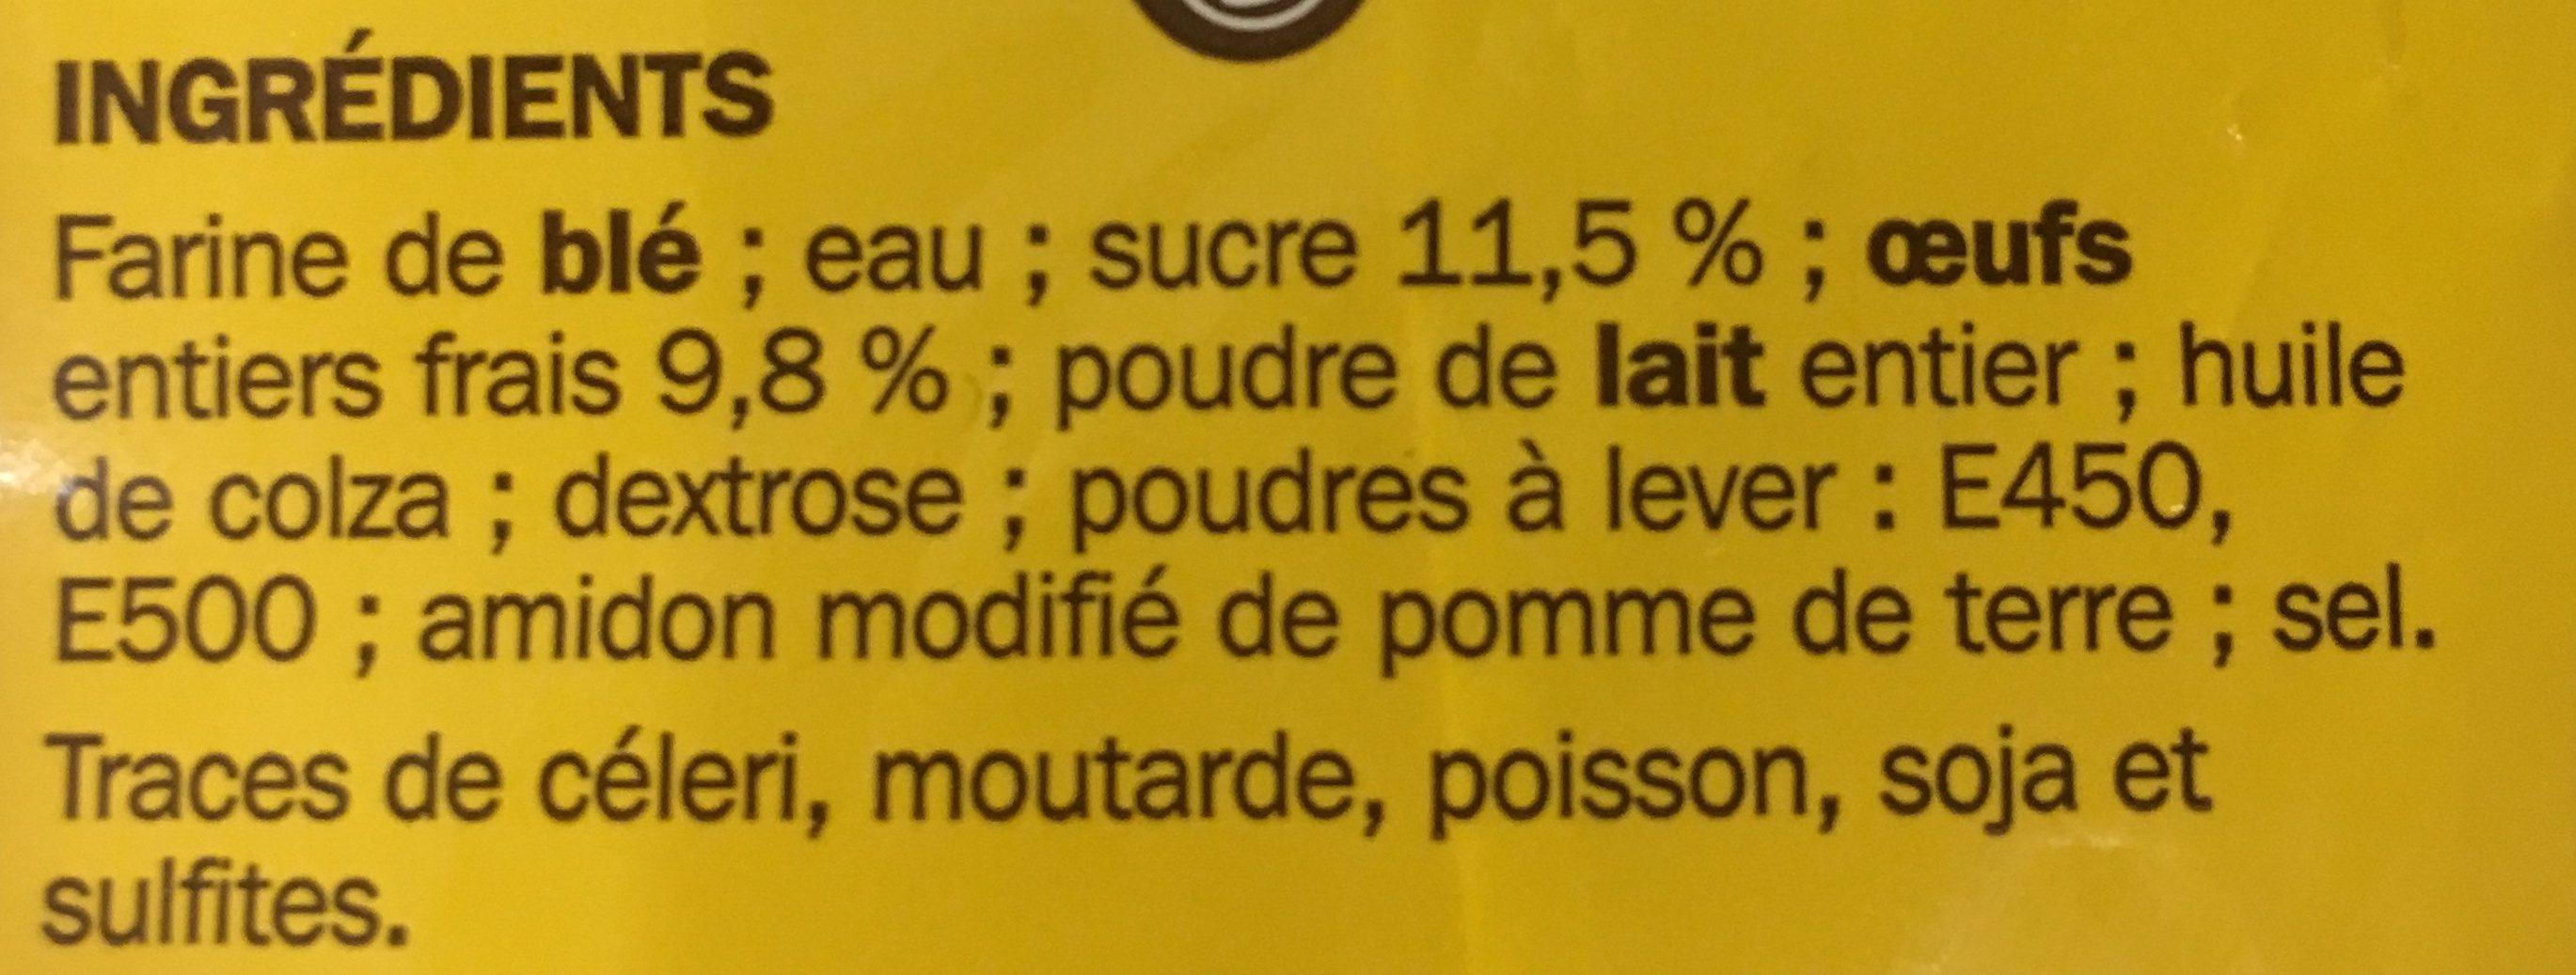 Pancakes sucrés surgelés x 6 - Ingrédients - fr